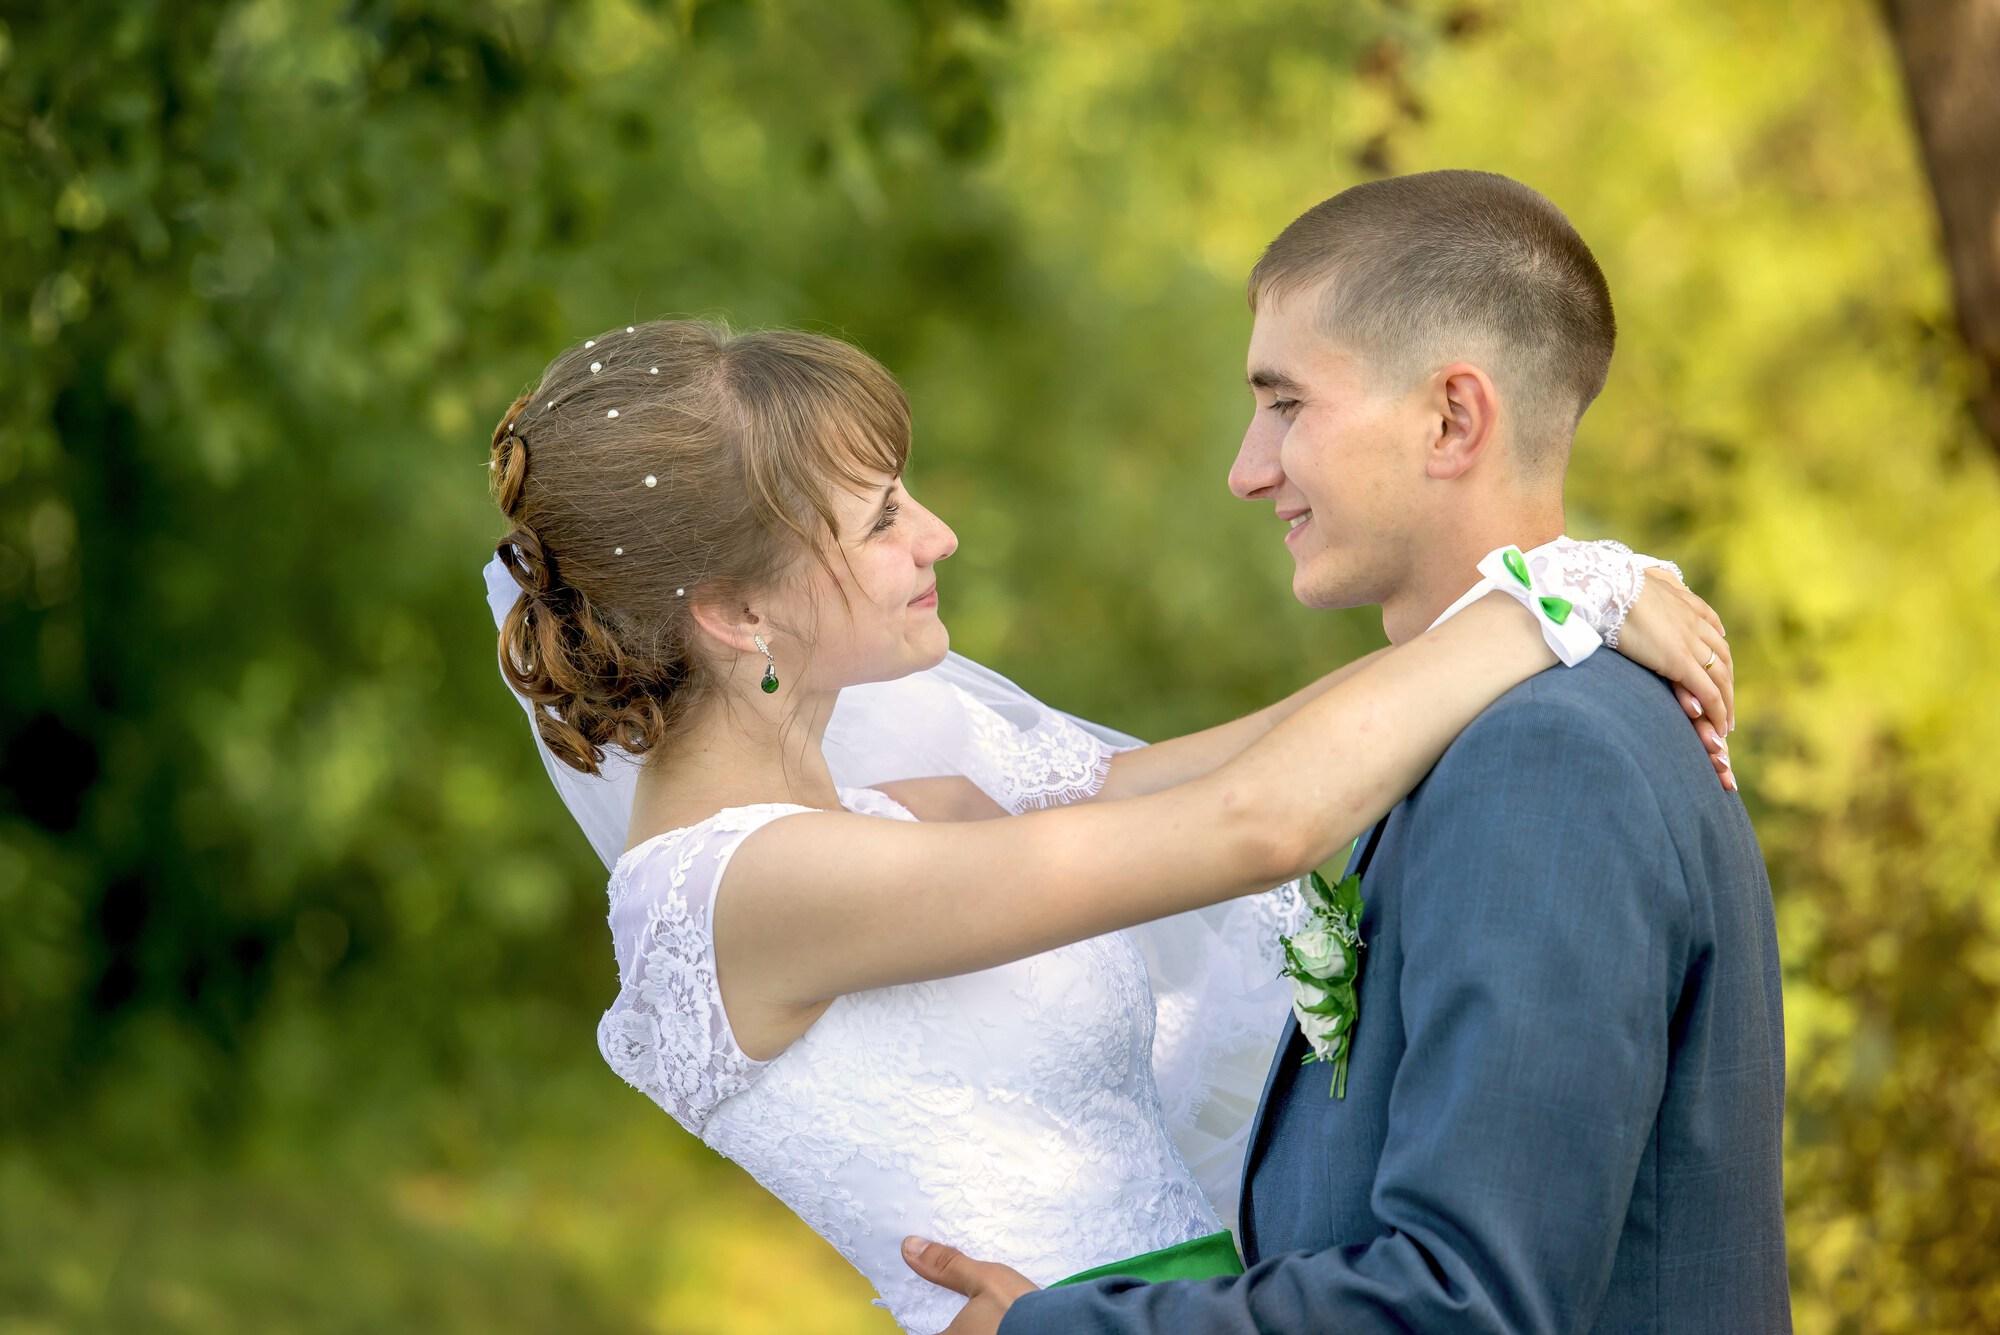 конкурс свадебных фотографий вами высказывания